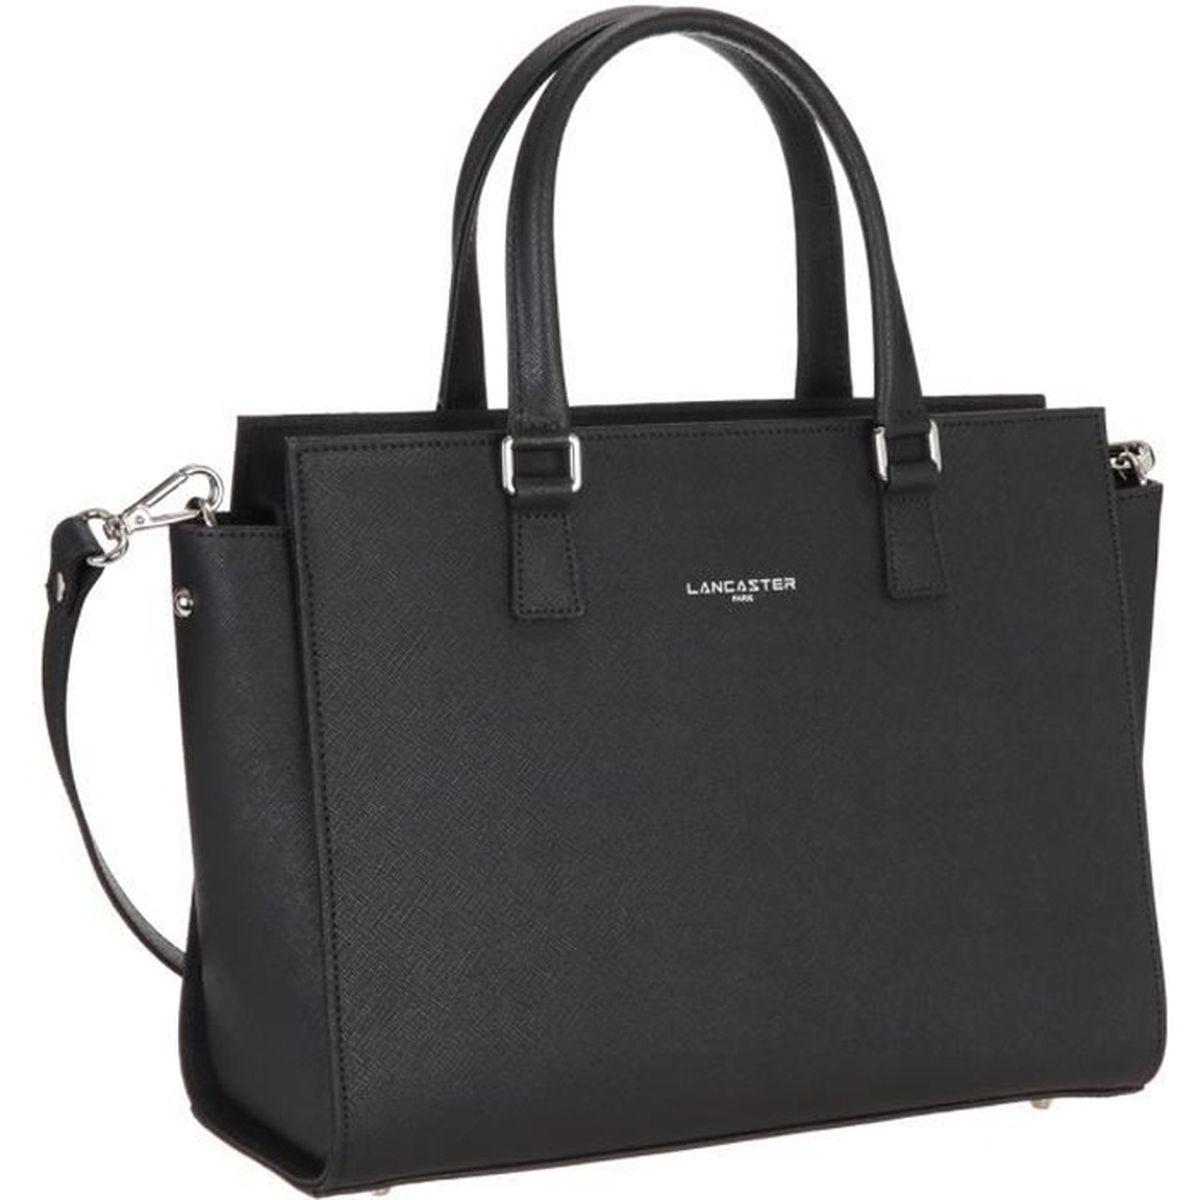 lancaster sac main cuir de vachette adele 31 cm noir femme achat vente lancaster sac. Black Bedroom Furniture Sets. Home Design Ideas